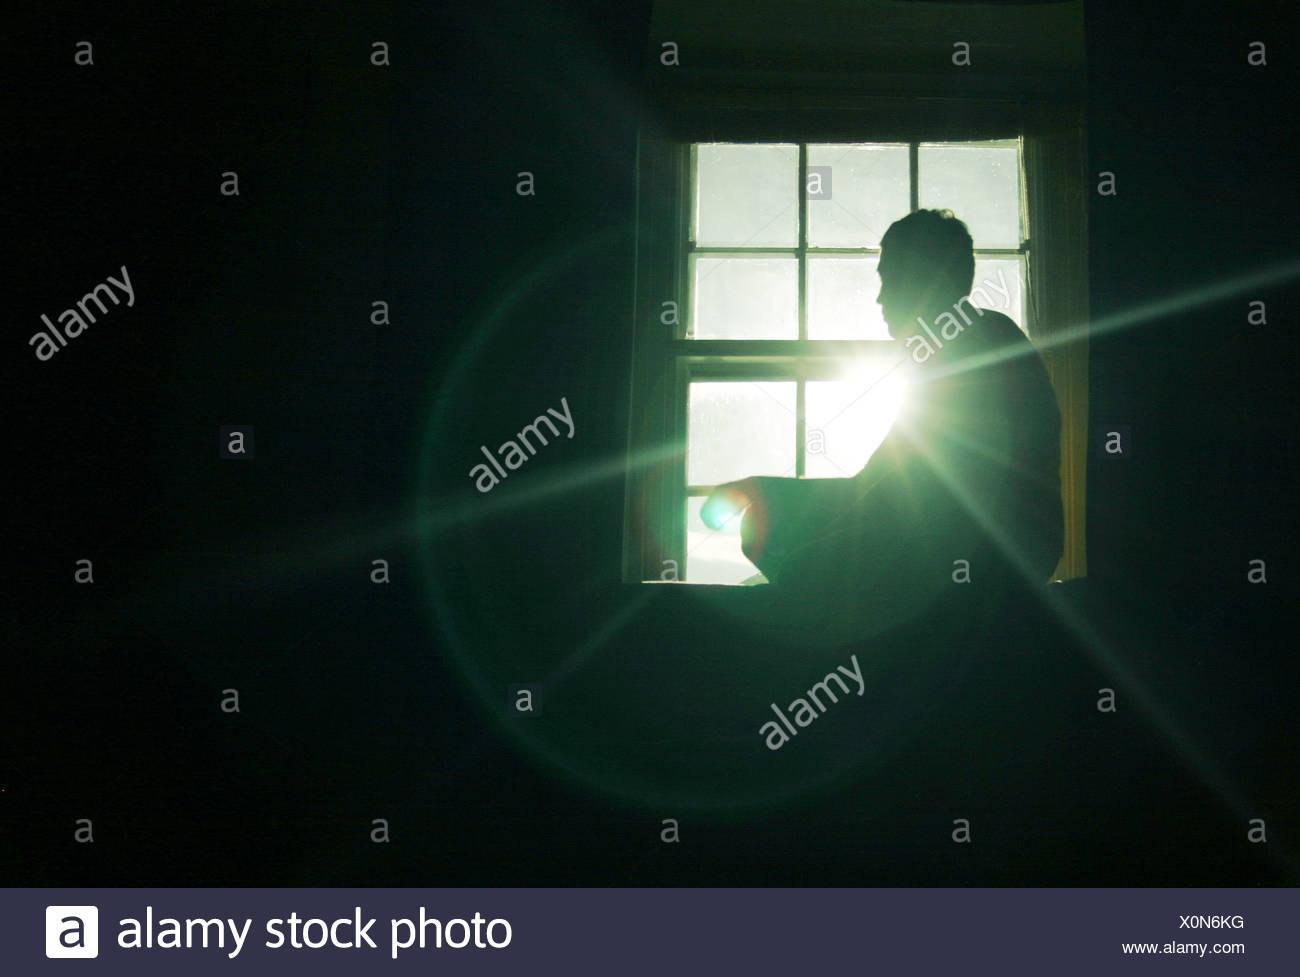 Window Photo Stock